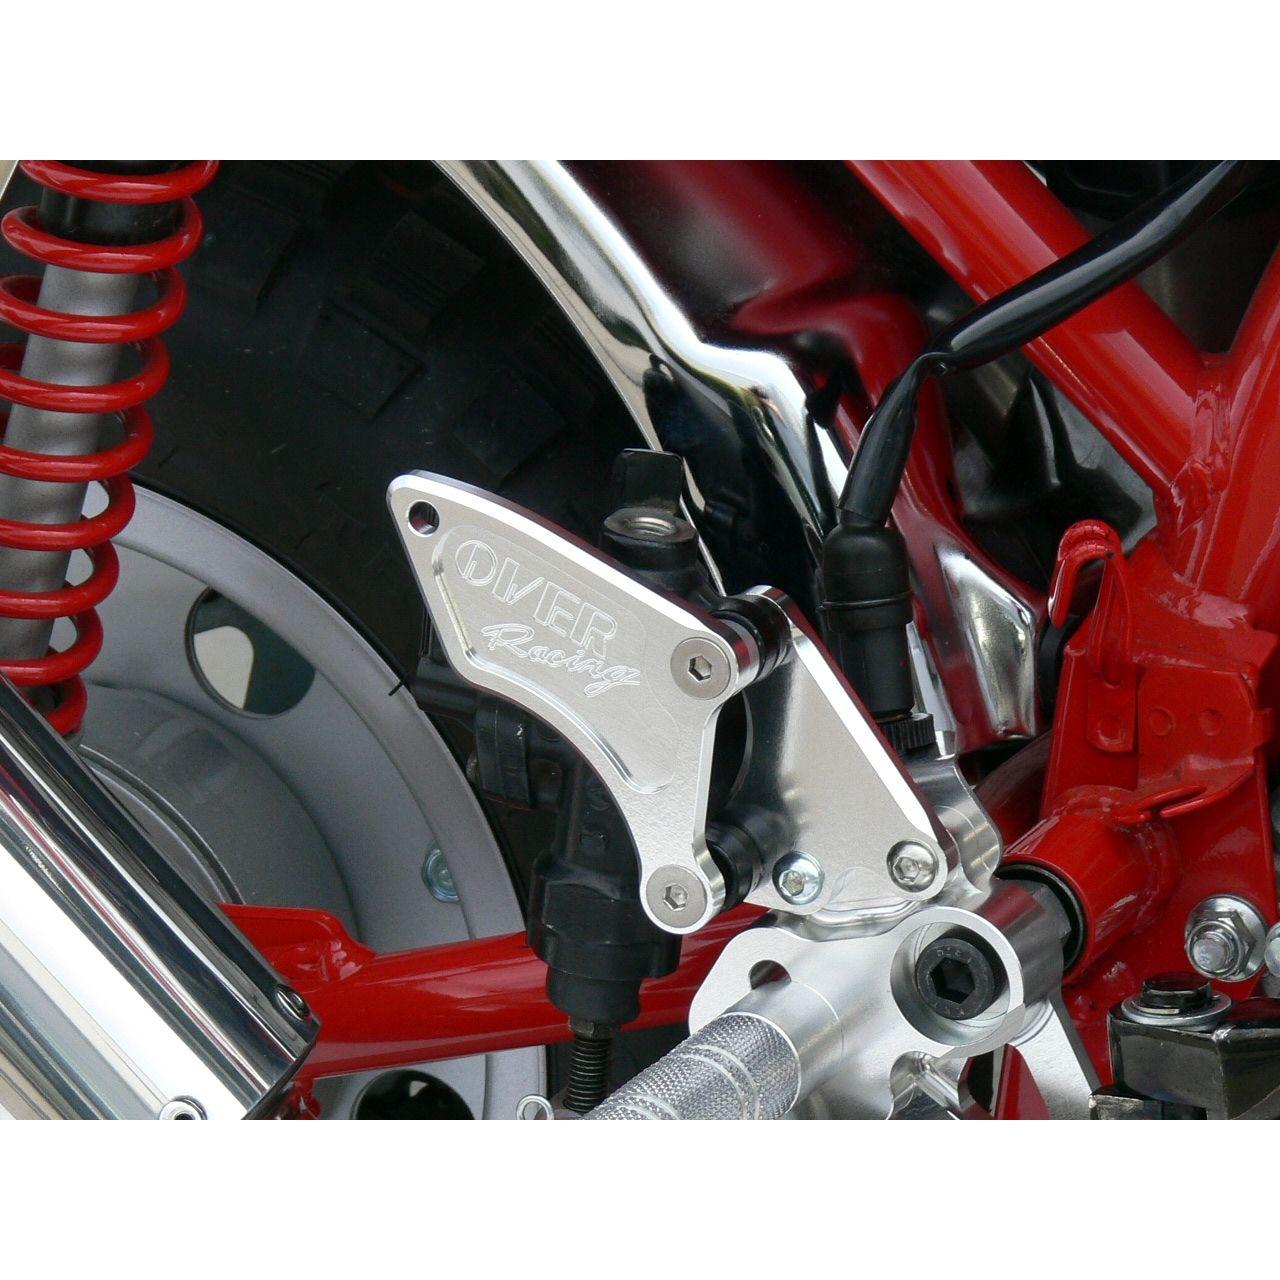 【OVER】腳踏後移套件3點安裝位置  (後碟煞型式) - 「Webike-摩托百貨」